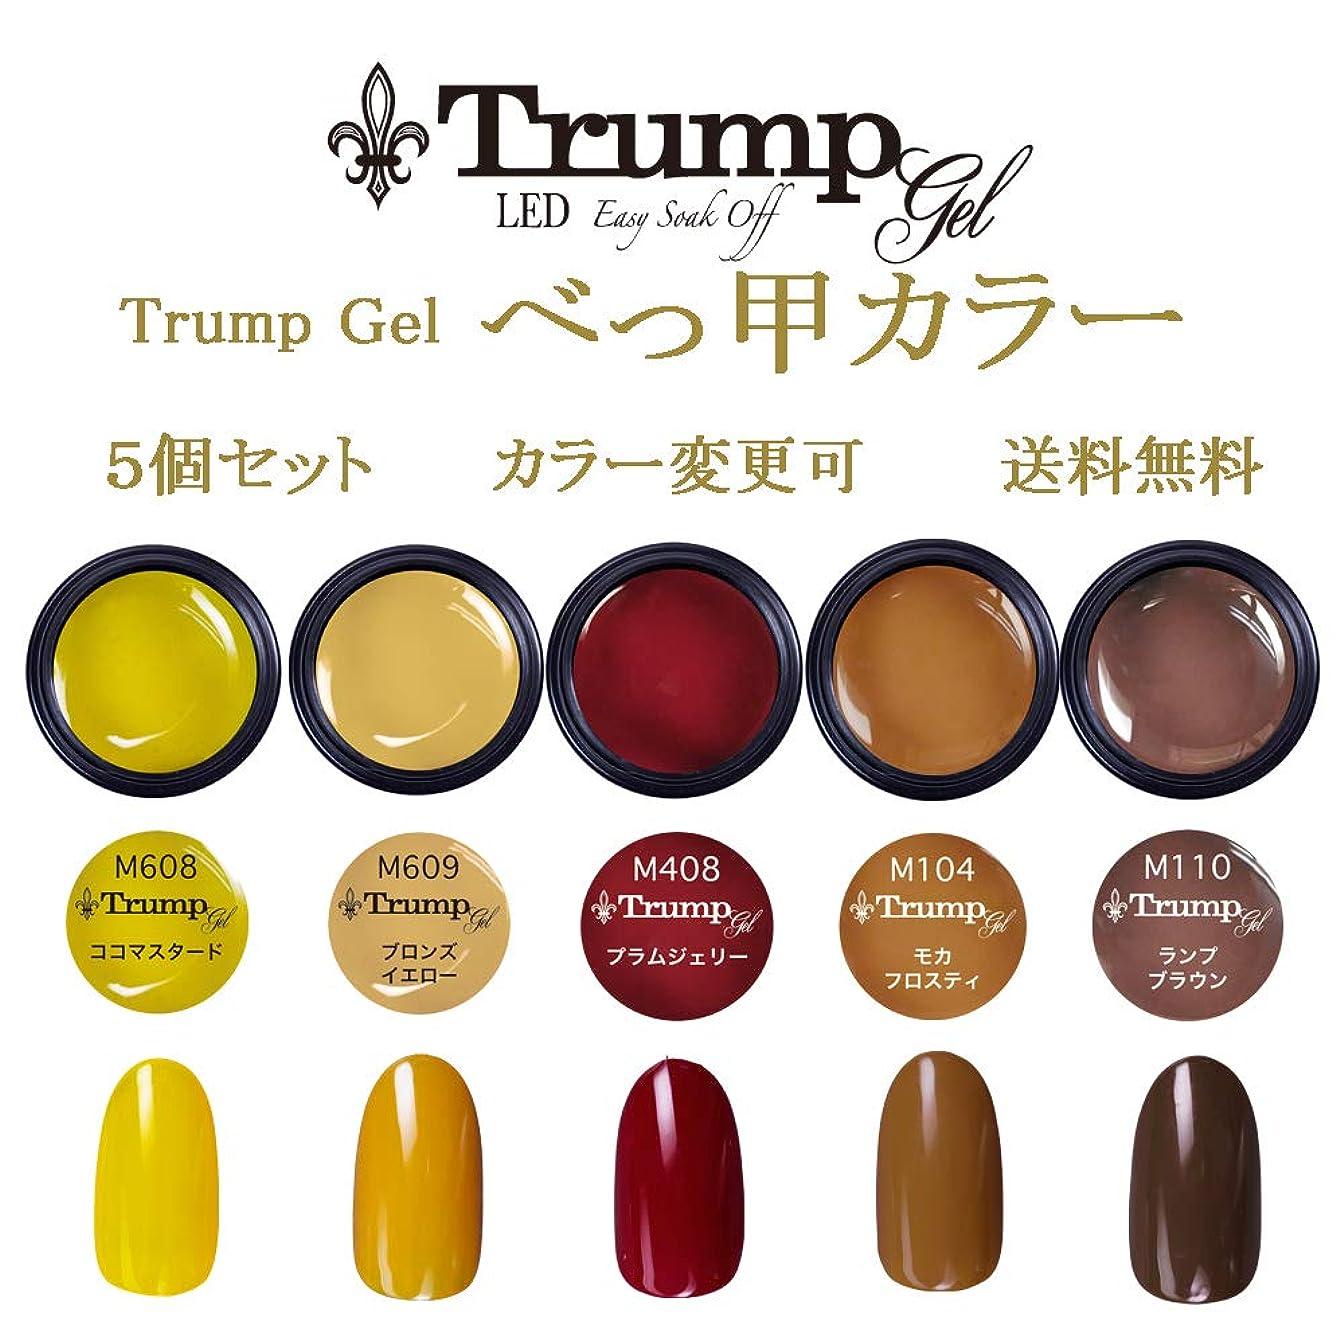 低下付添人り日本製 Trump gel トランプジェル べっ甲 ネイルカラー 選べる カラージェル 5個セット イエロー ブラウン ワイン べっこう